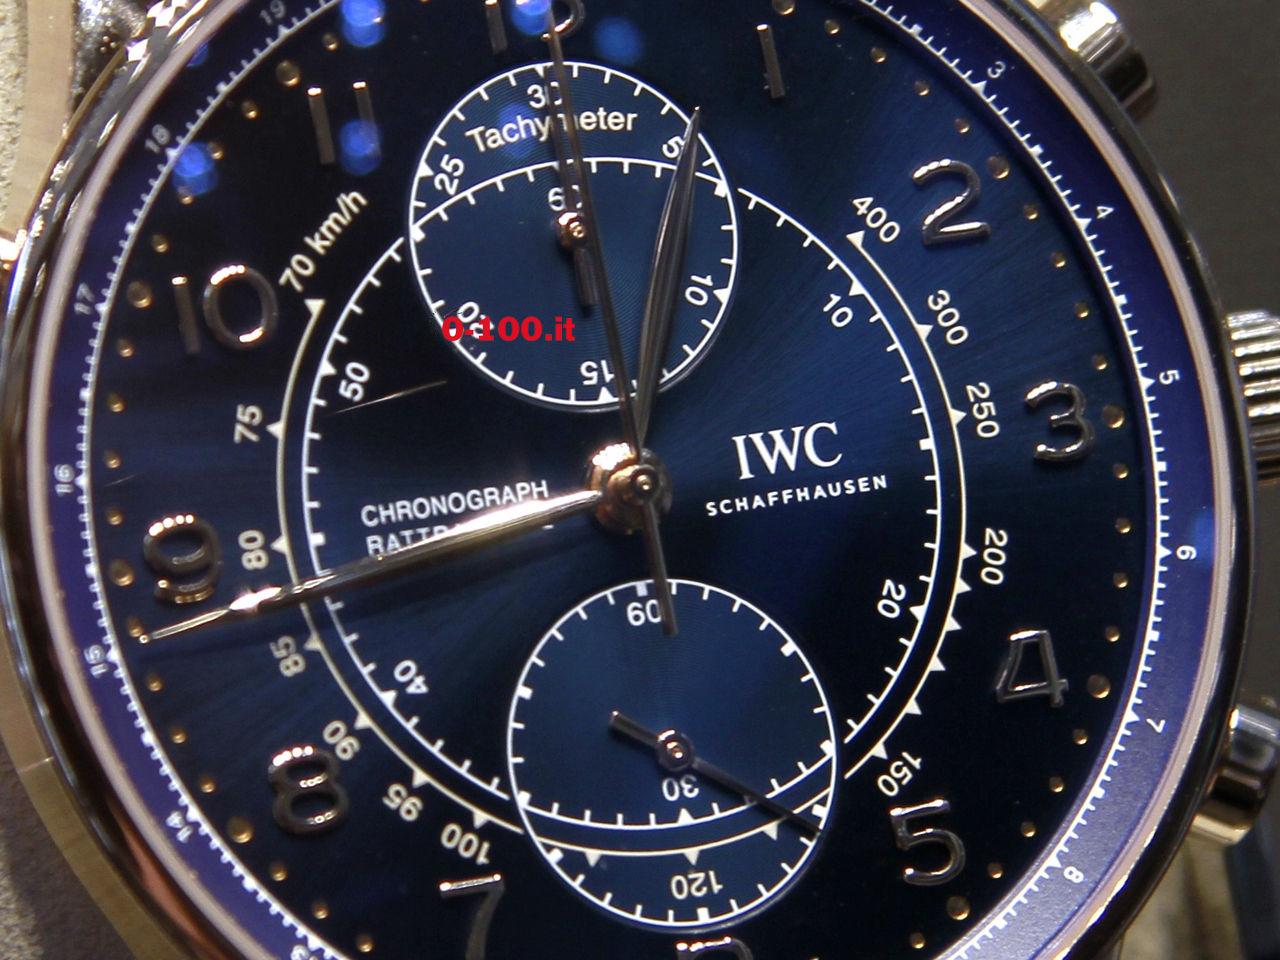 iwc-portugieser-chronograph-rattrapante-edition-boutique-milano_0-100_14